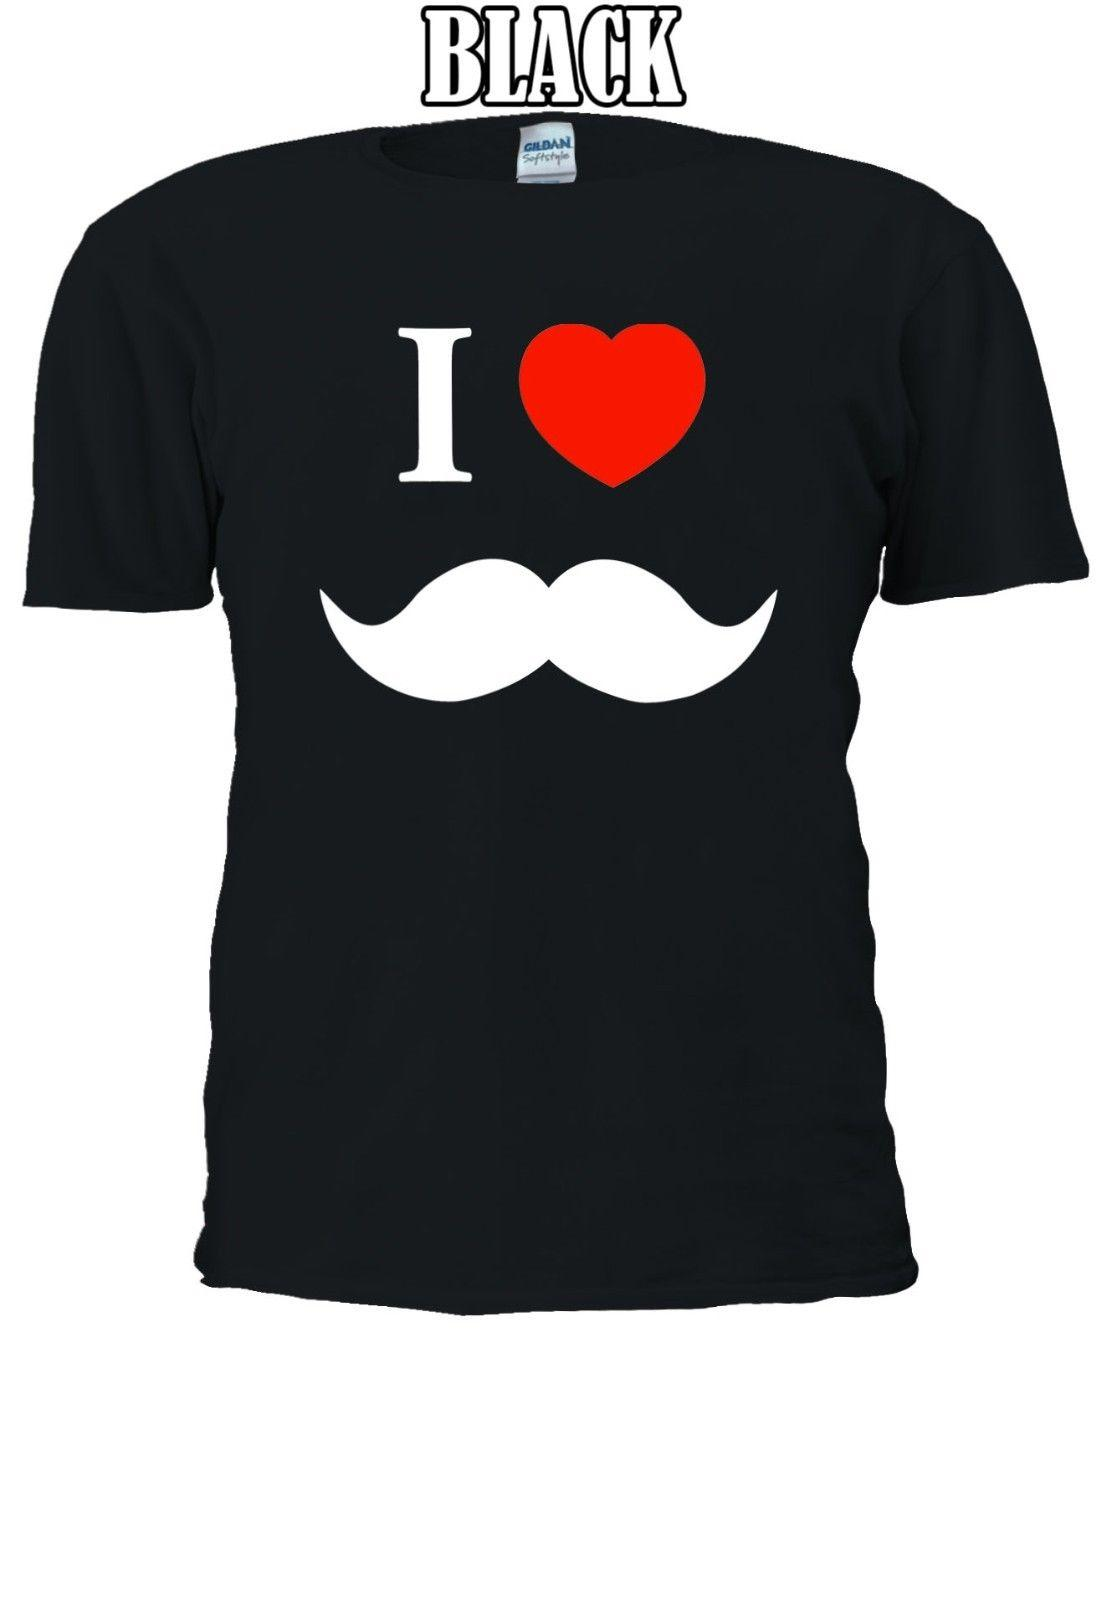 a637fabcb3 Compre Eu Amo O Coração Bigode Tumblr T Shirt Engraçado Colete Regata Das  Mulheres Dos Homens Unisex 1298 Tees Personalizado Camisa De T Camisola Do  Hoodie ...